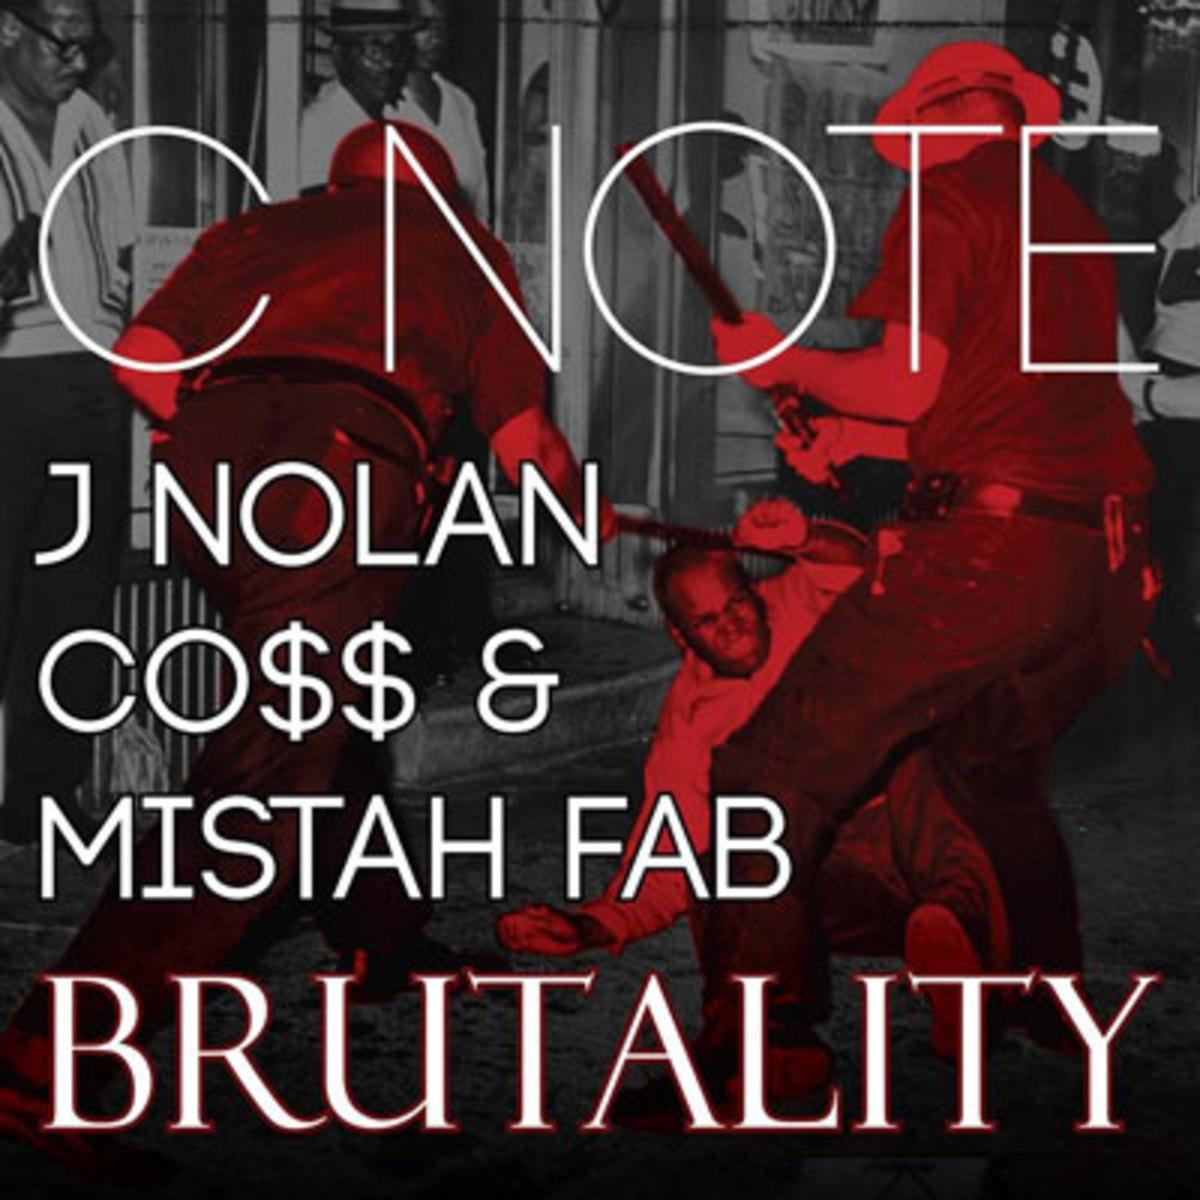 cnote-brutality.jpg